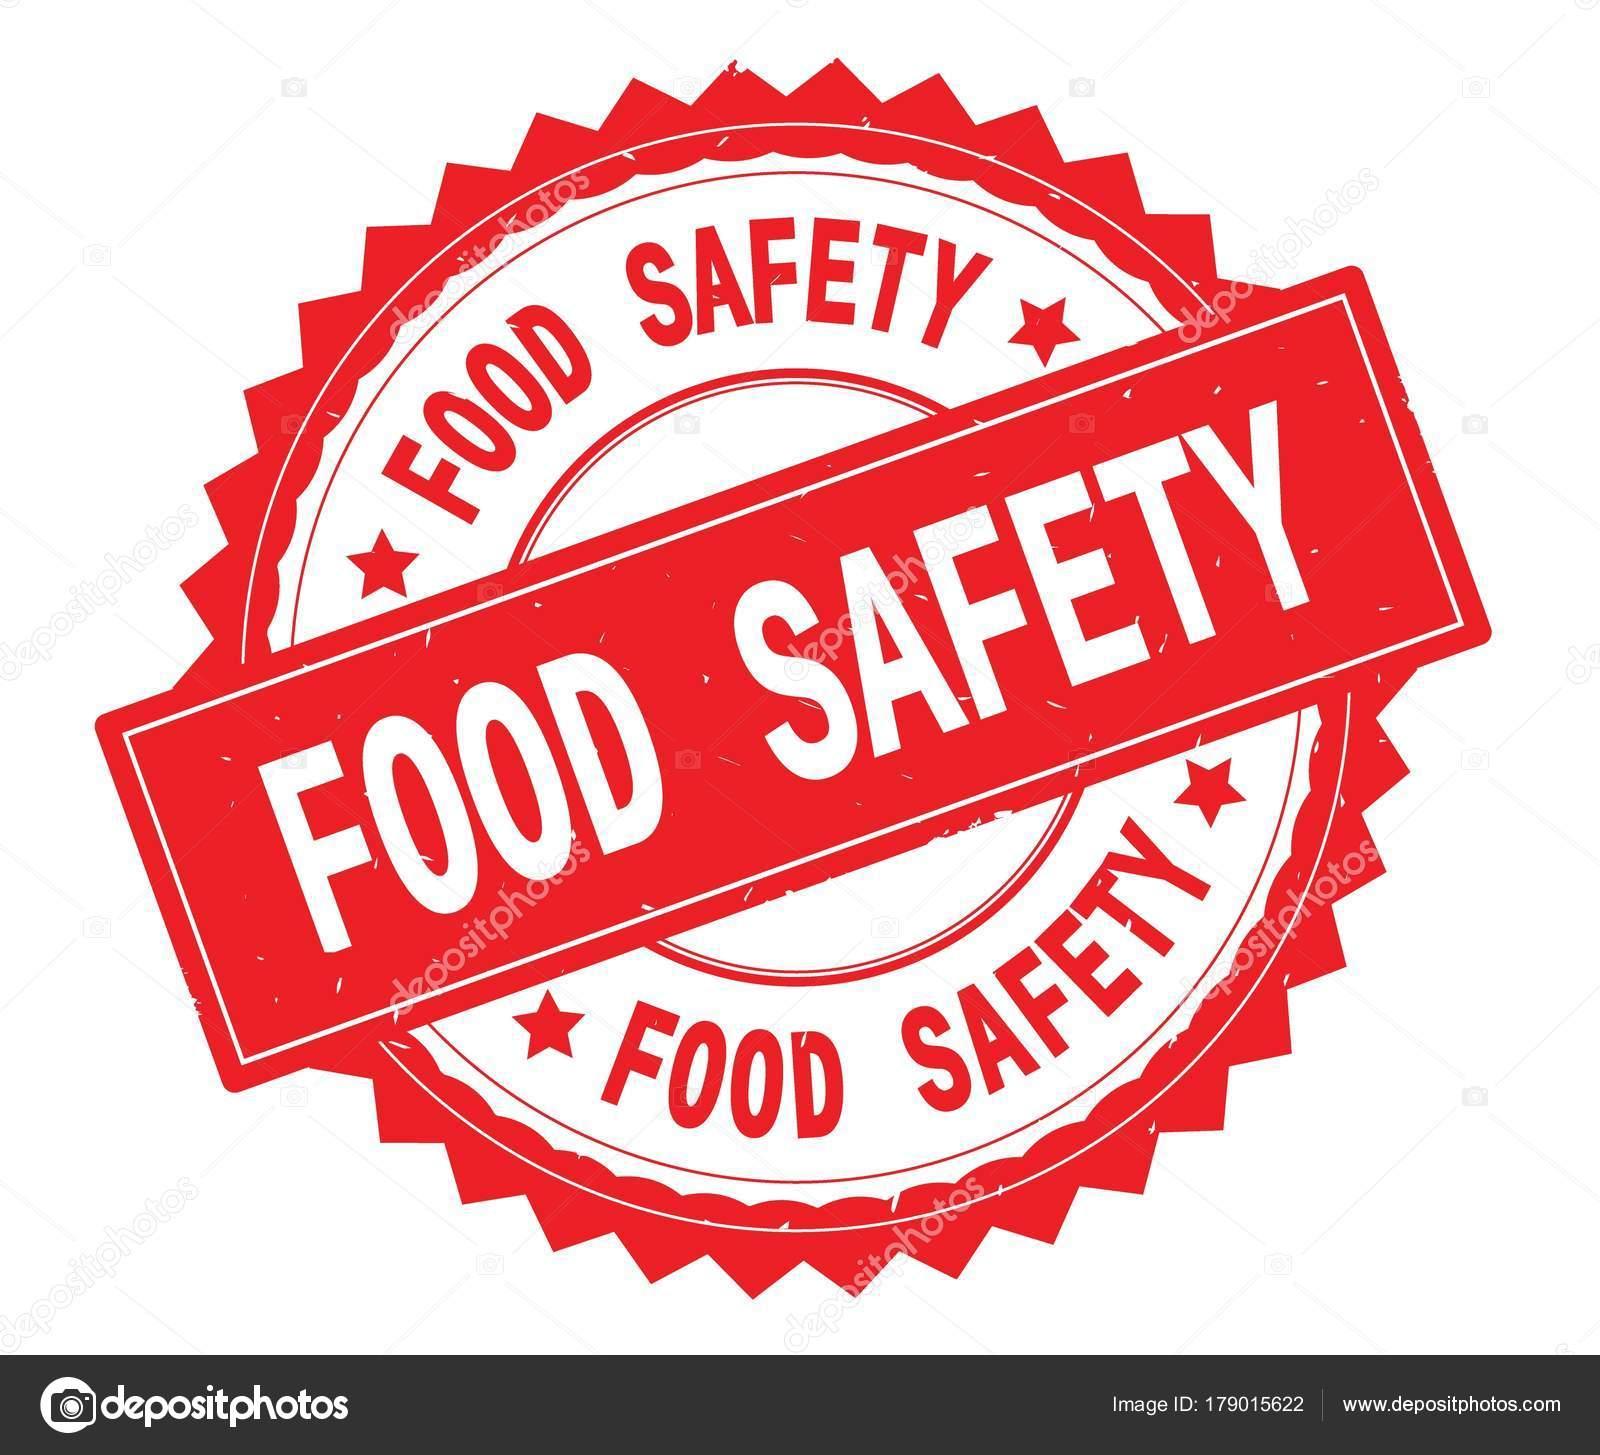 Αποτέλεσμα εικόνας για ασφάλεια τροφίμων εικόνες